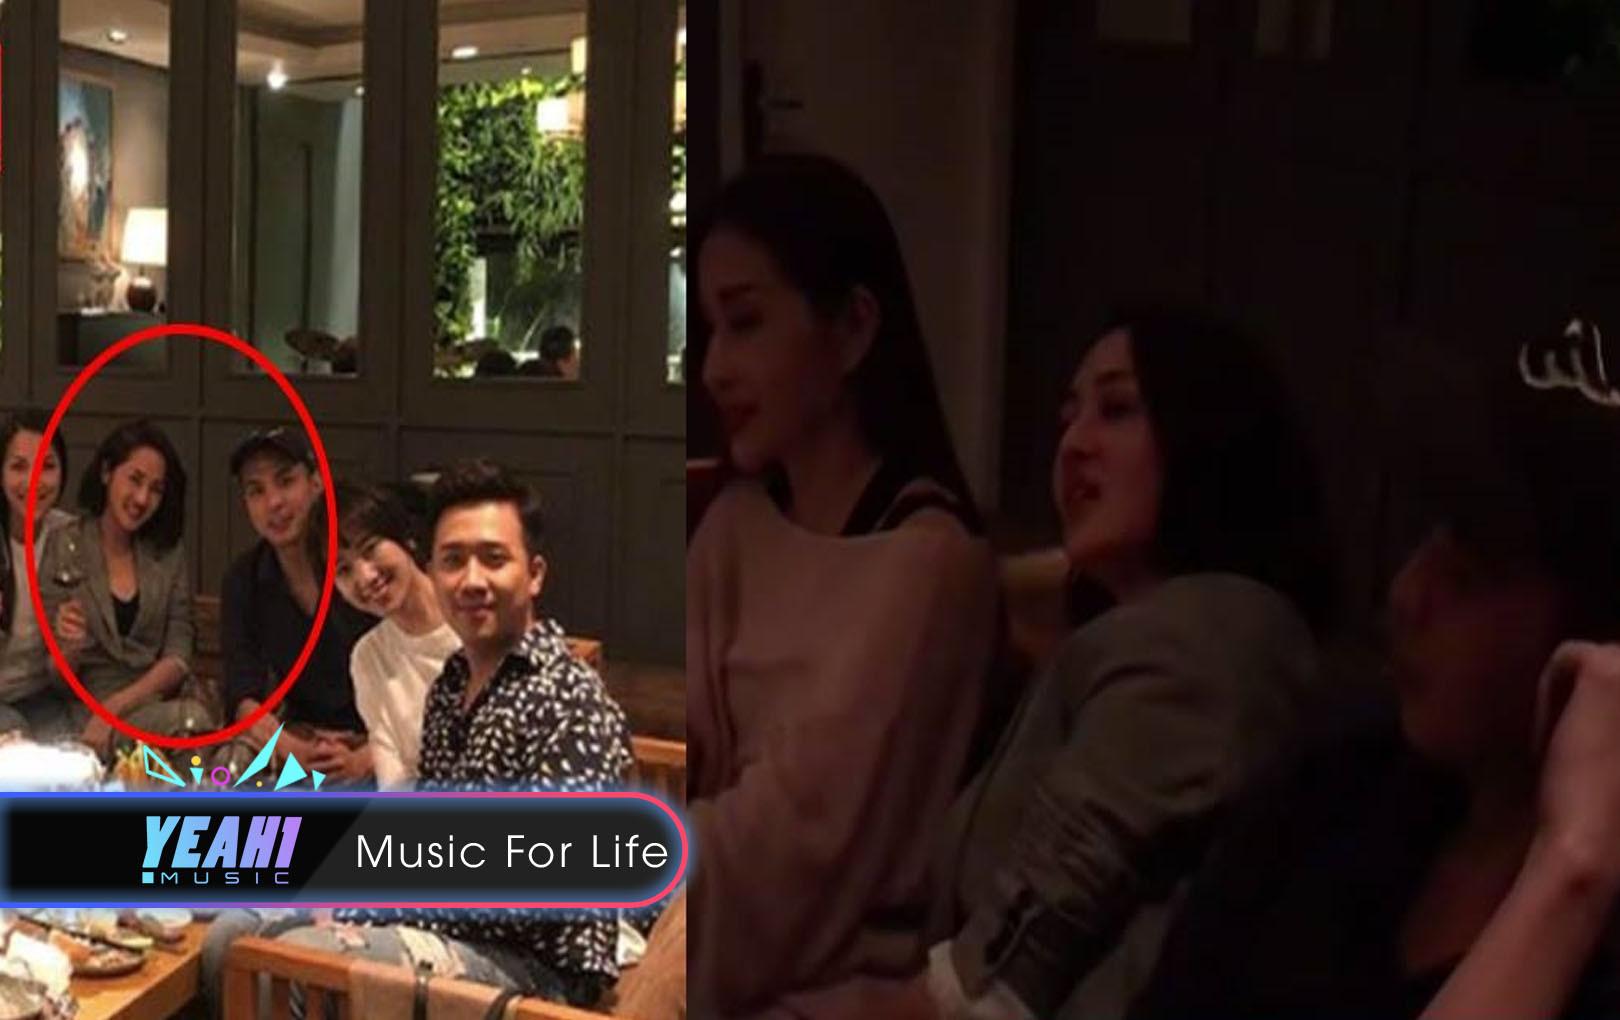 Bảo Anh - Hồ Quang Hiếu vẫn ngồi cạnh thân thiết mỗi khi gặp gỡ, fan có quyền hy vọng